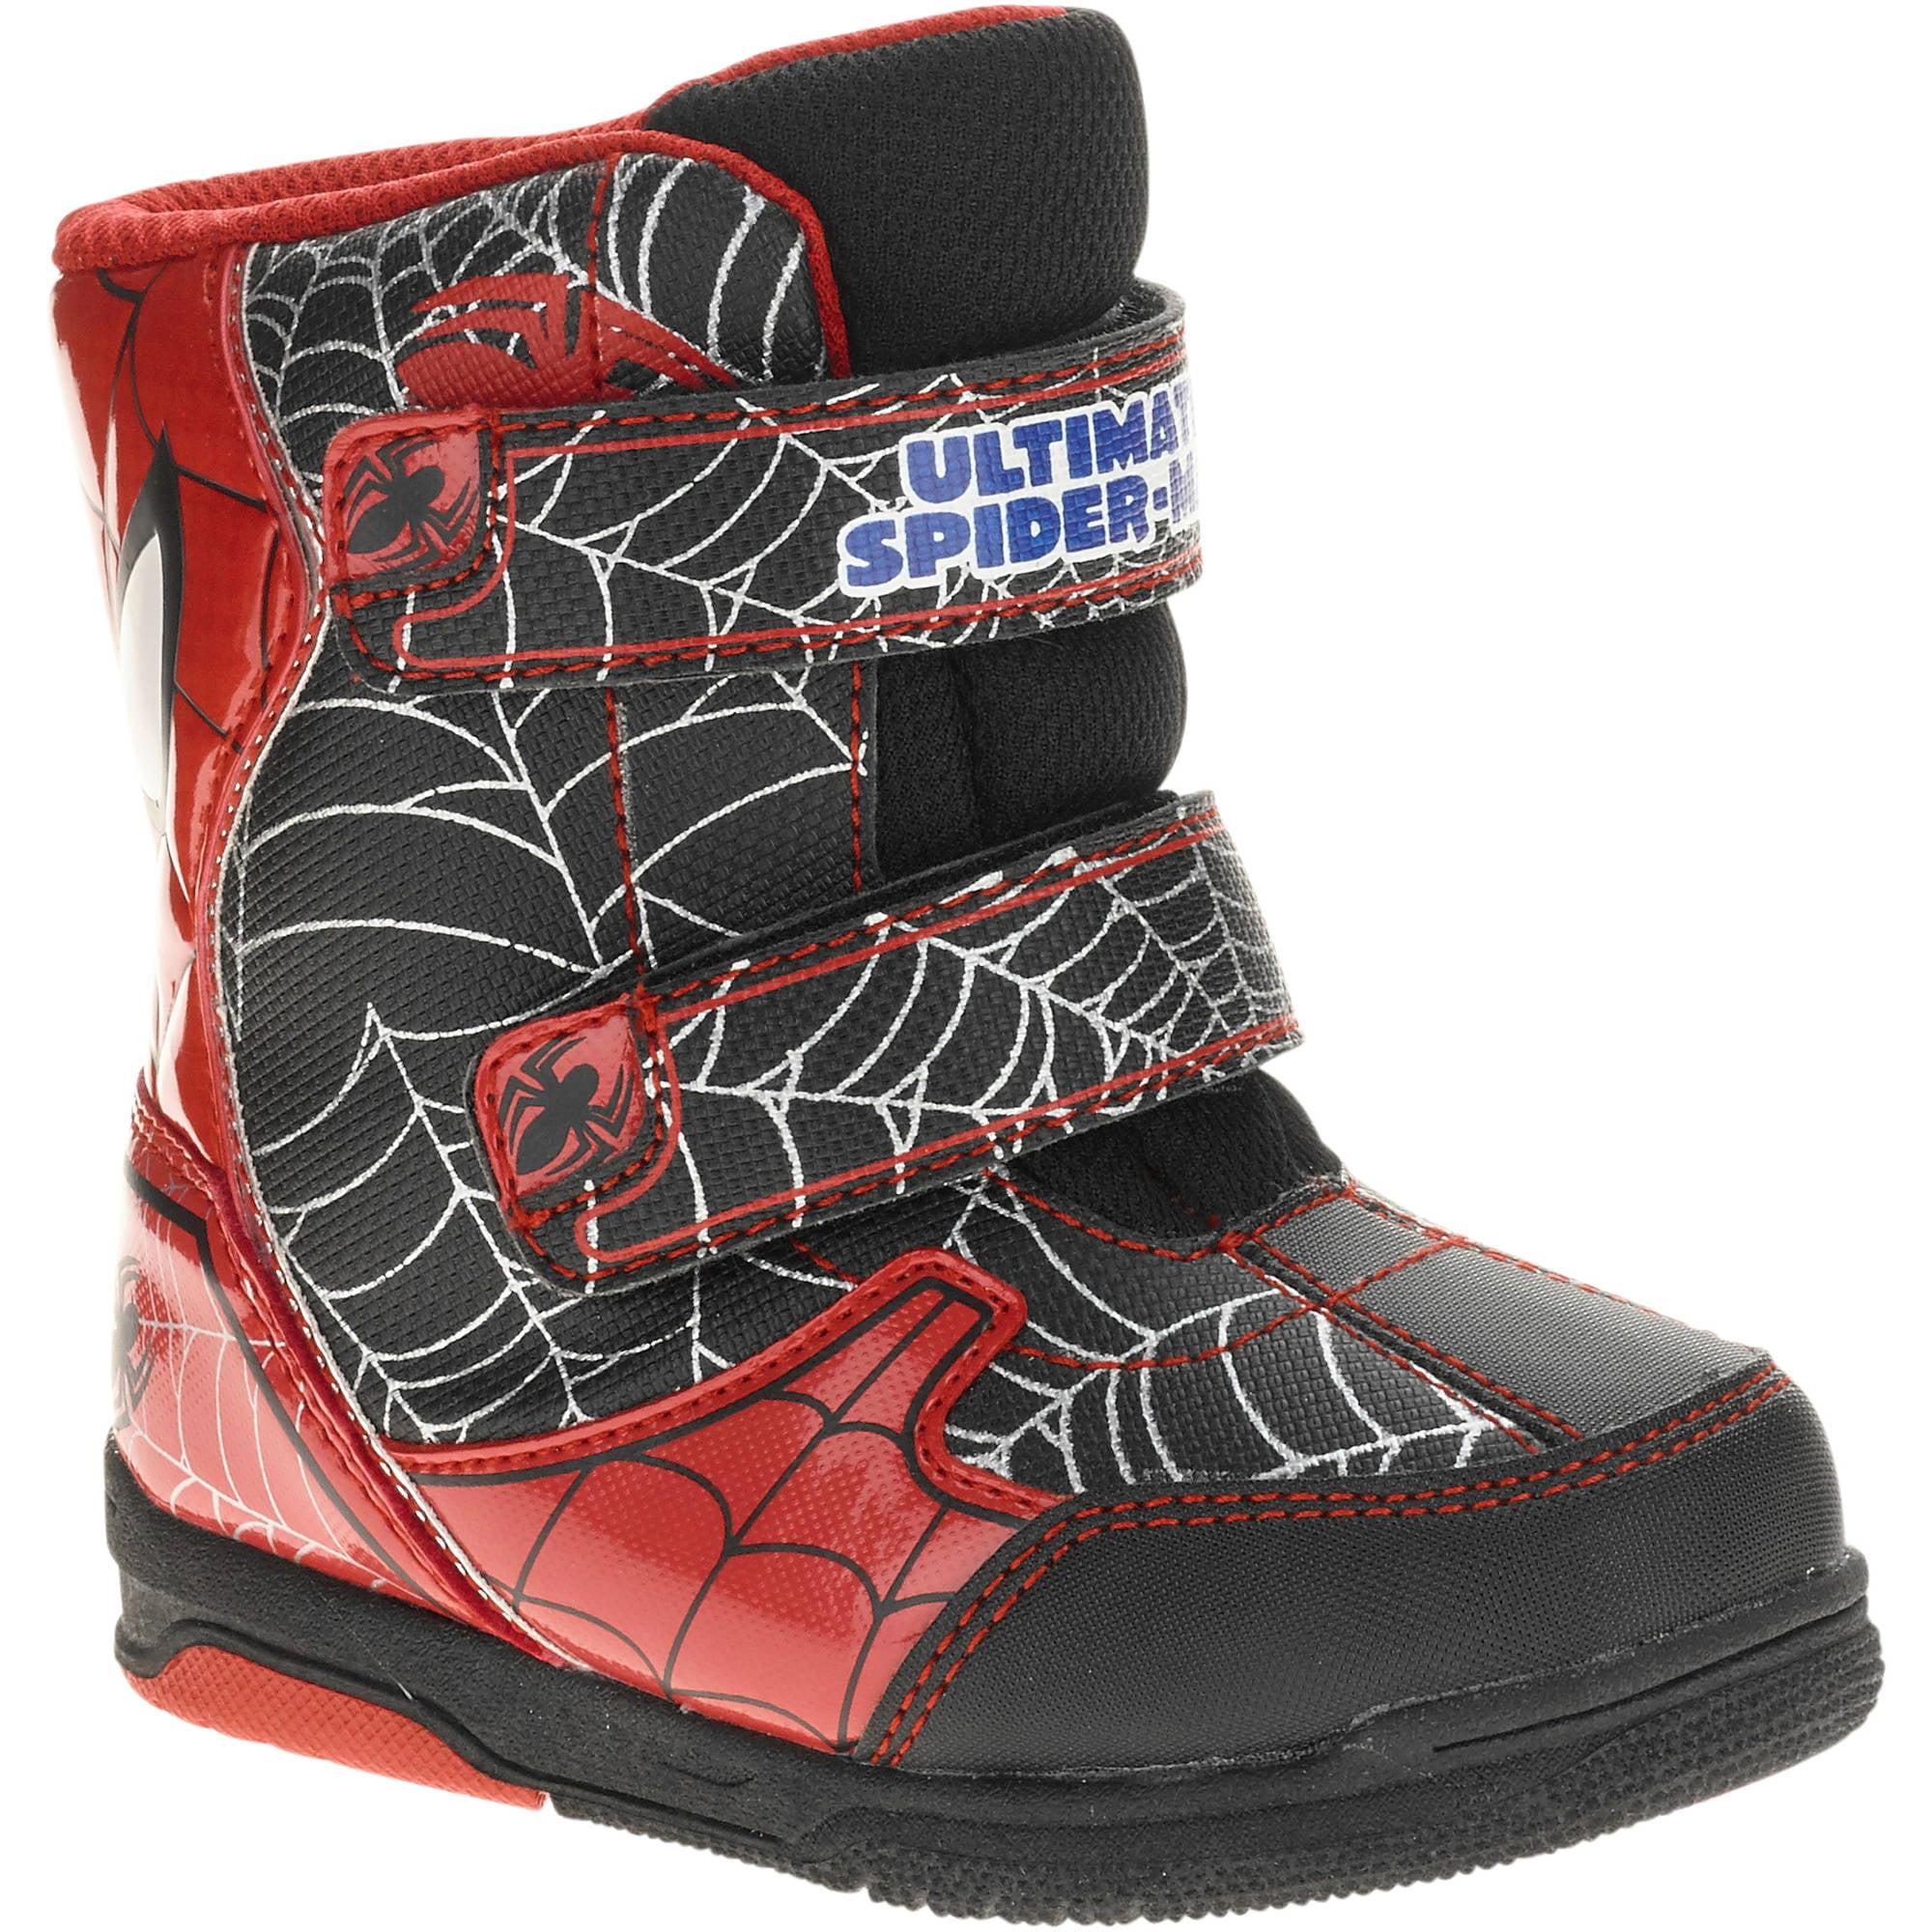 Toddler Boy S Winter Boot Walmart Com